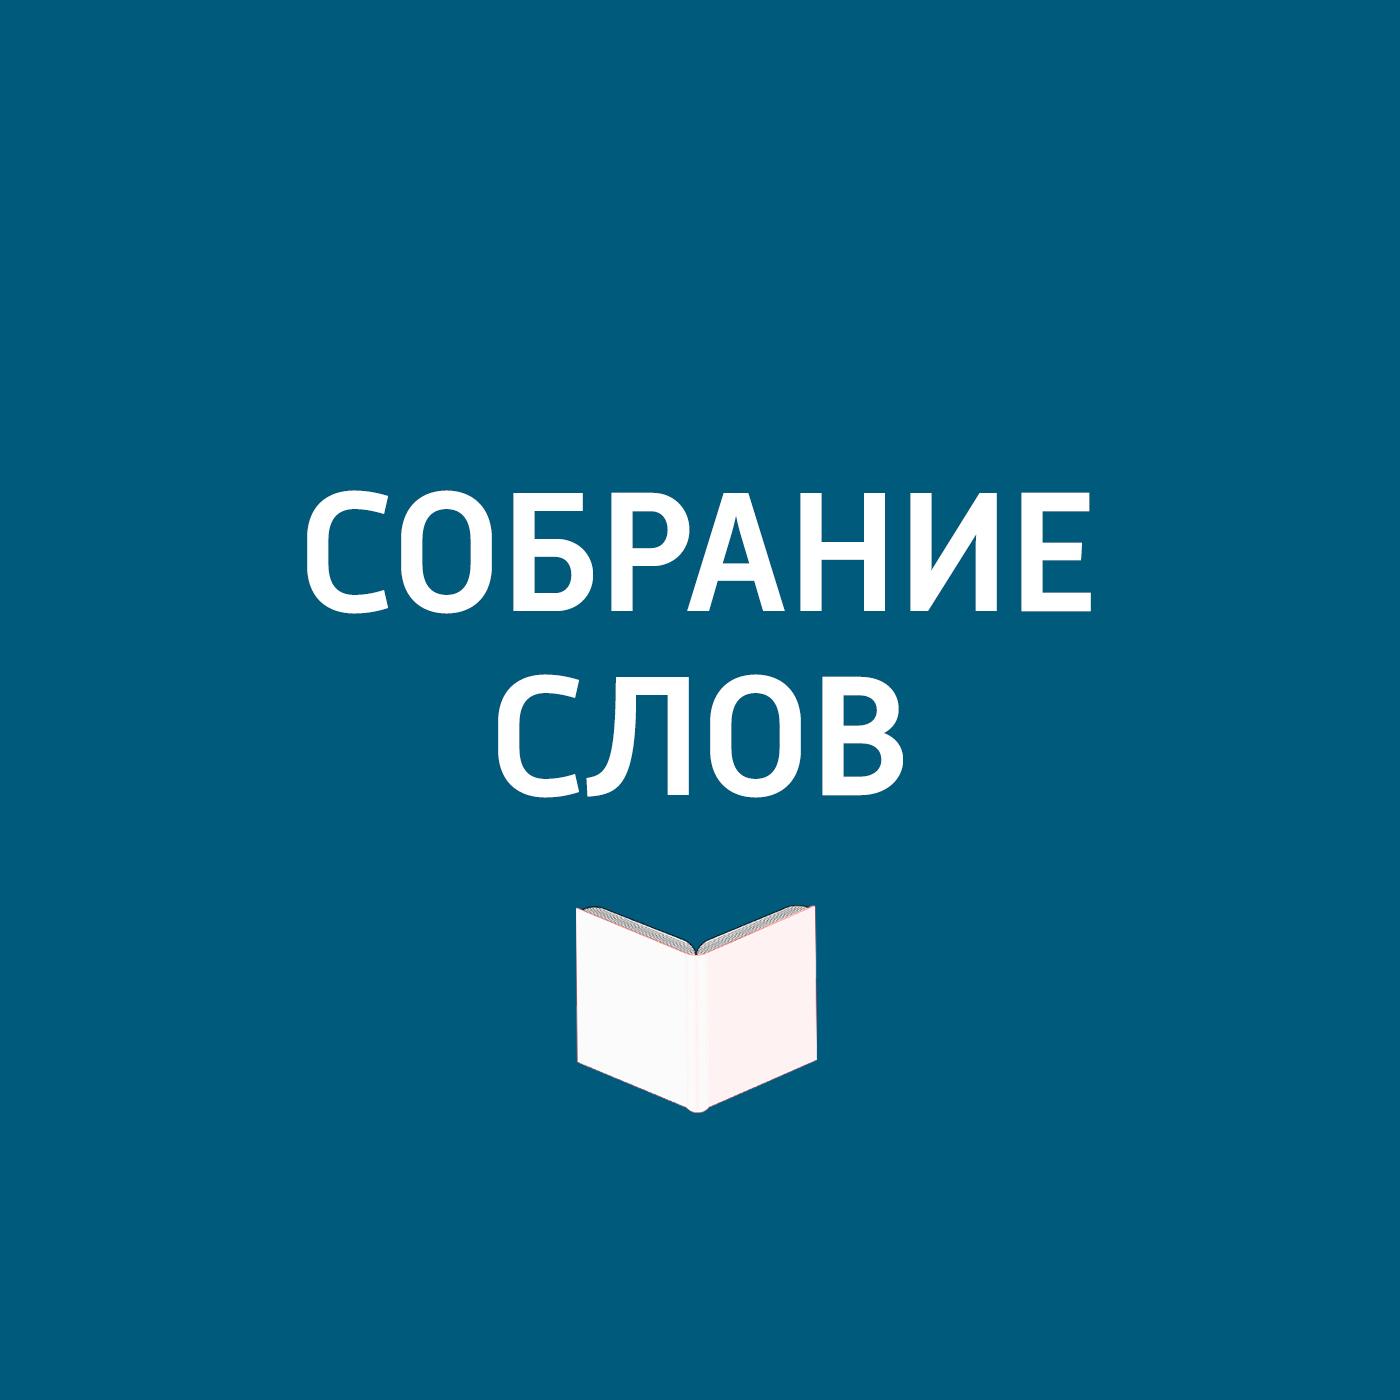 цены Творческий коллектив программы «Собрание слов» 145 лет со дня рождения Михаила Пришвина